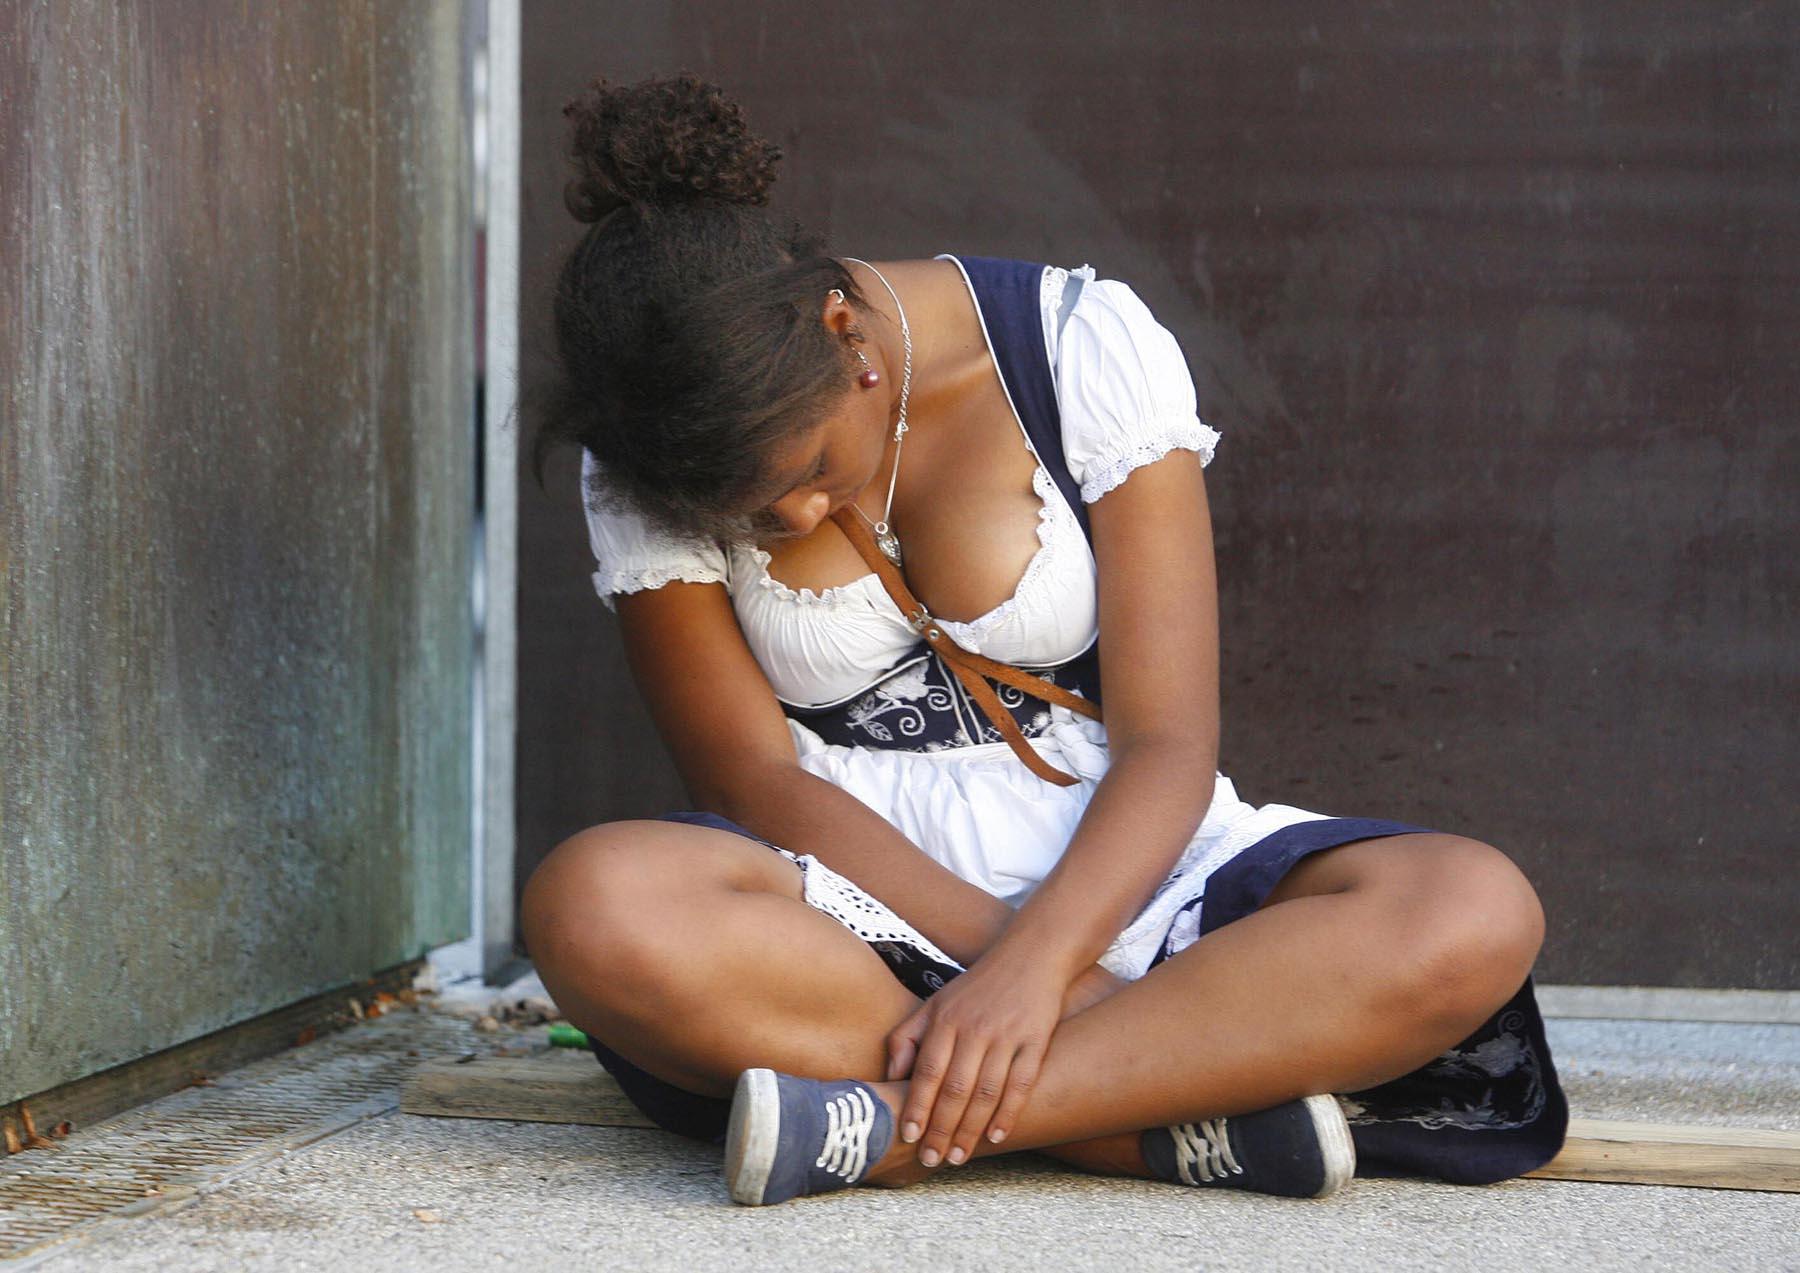 Смотреть порно секс с пьяными девочками 2 фотография